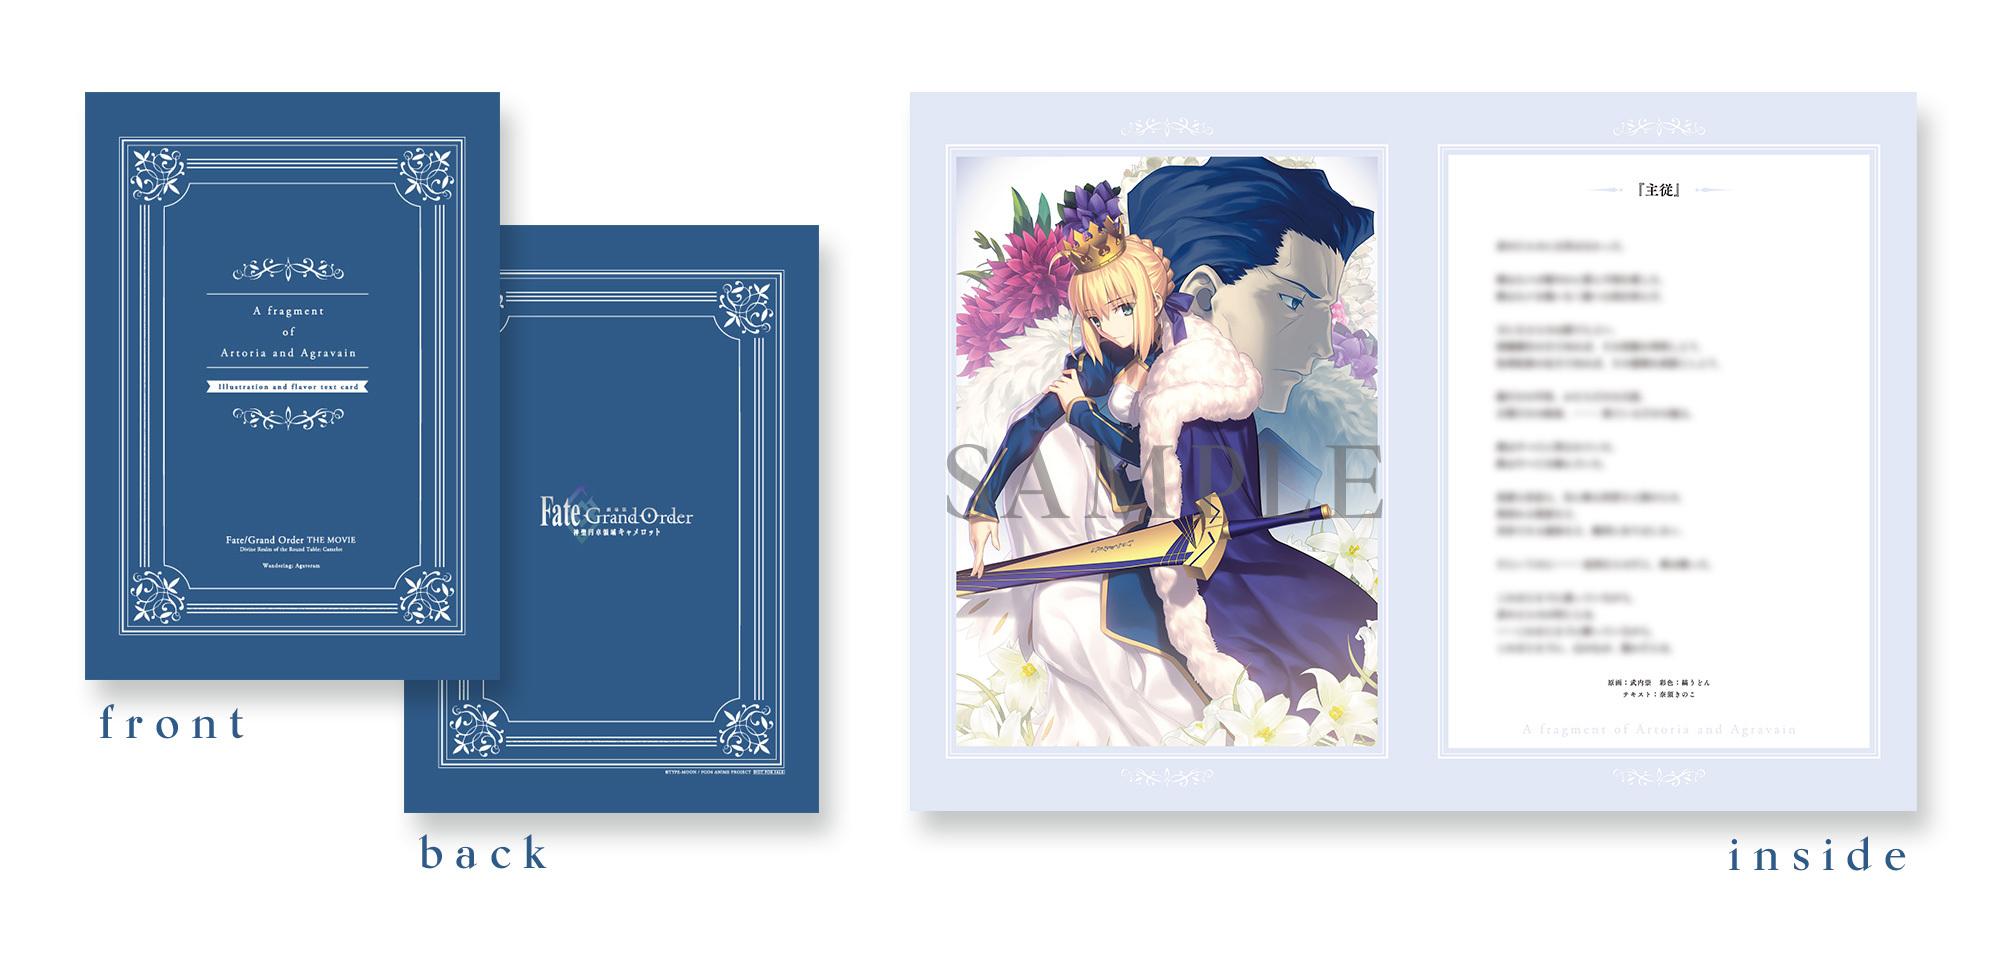 『劇場版 Fate/Grand Order -神聖円卓領域キャメロット-前編 Wandering; Agateram』 の第4週目来場者特典 (C)TYPE-MOON / FGO6 ANIME PROJECT